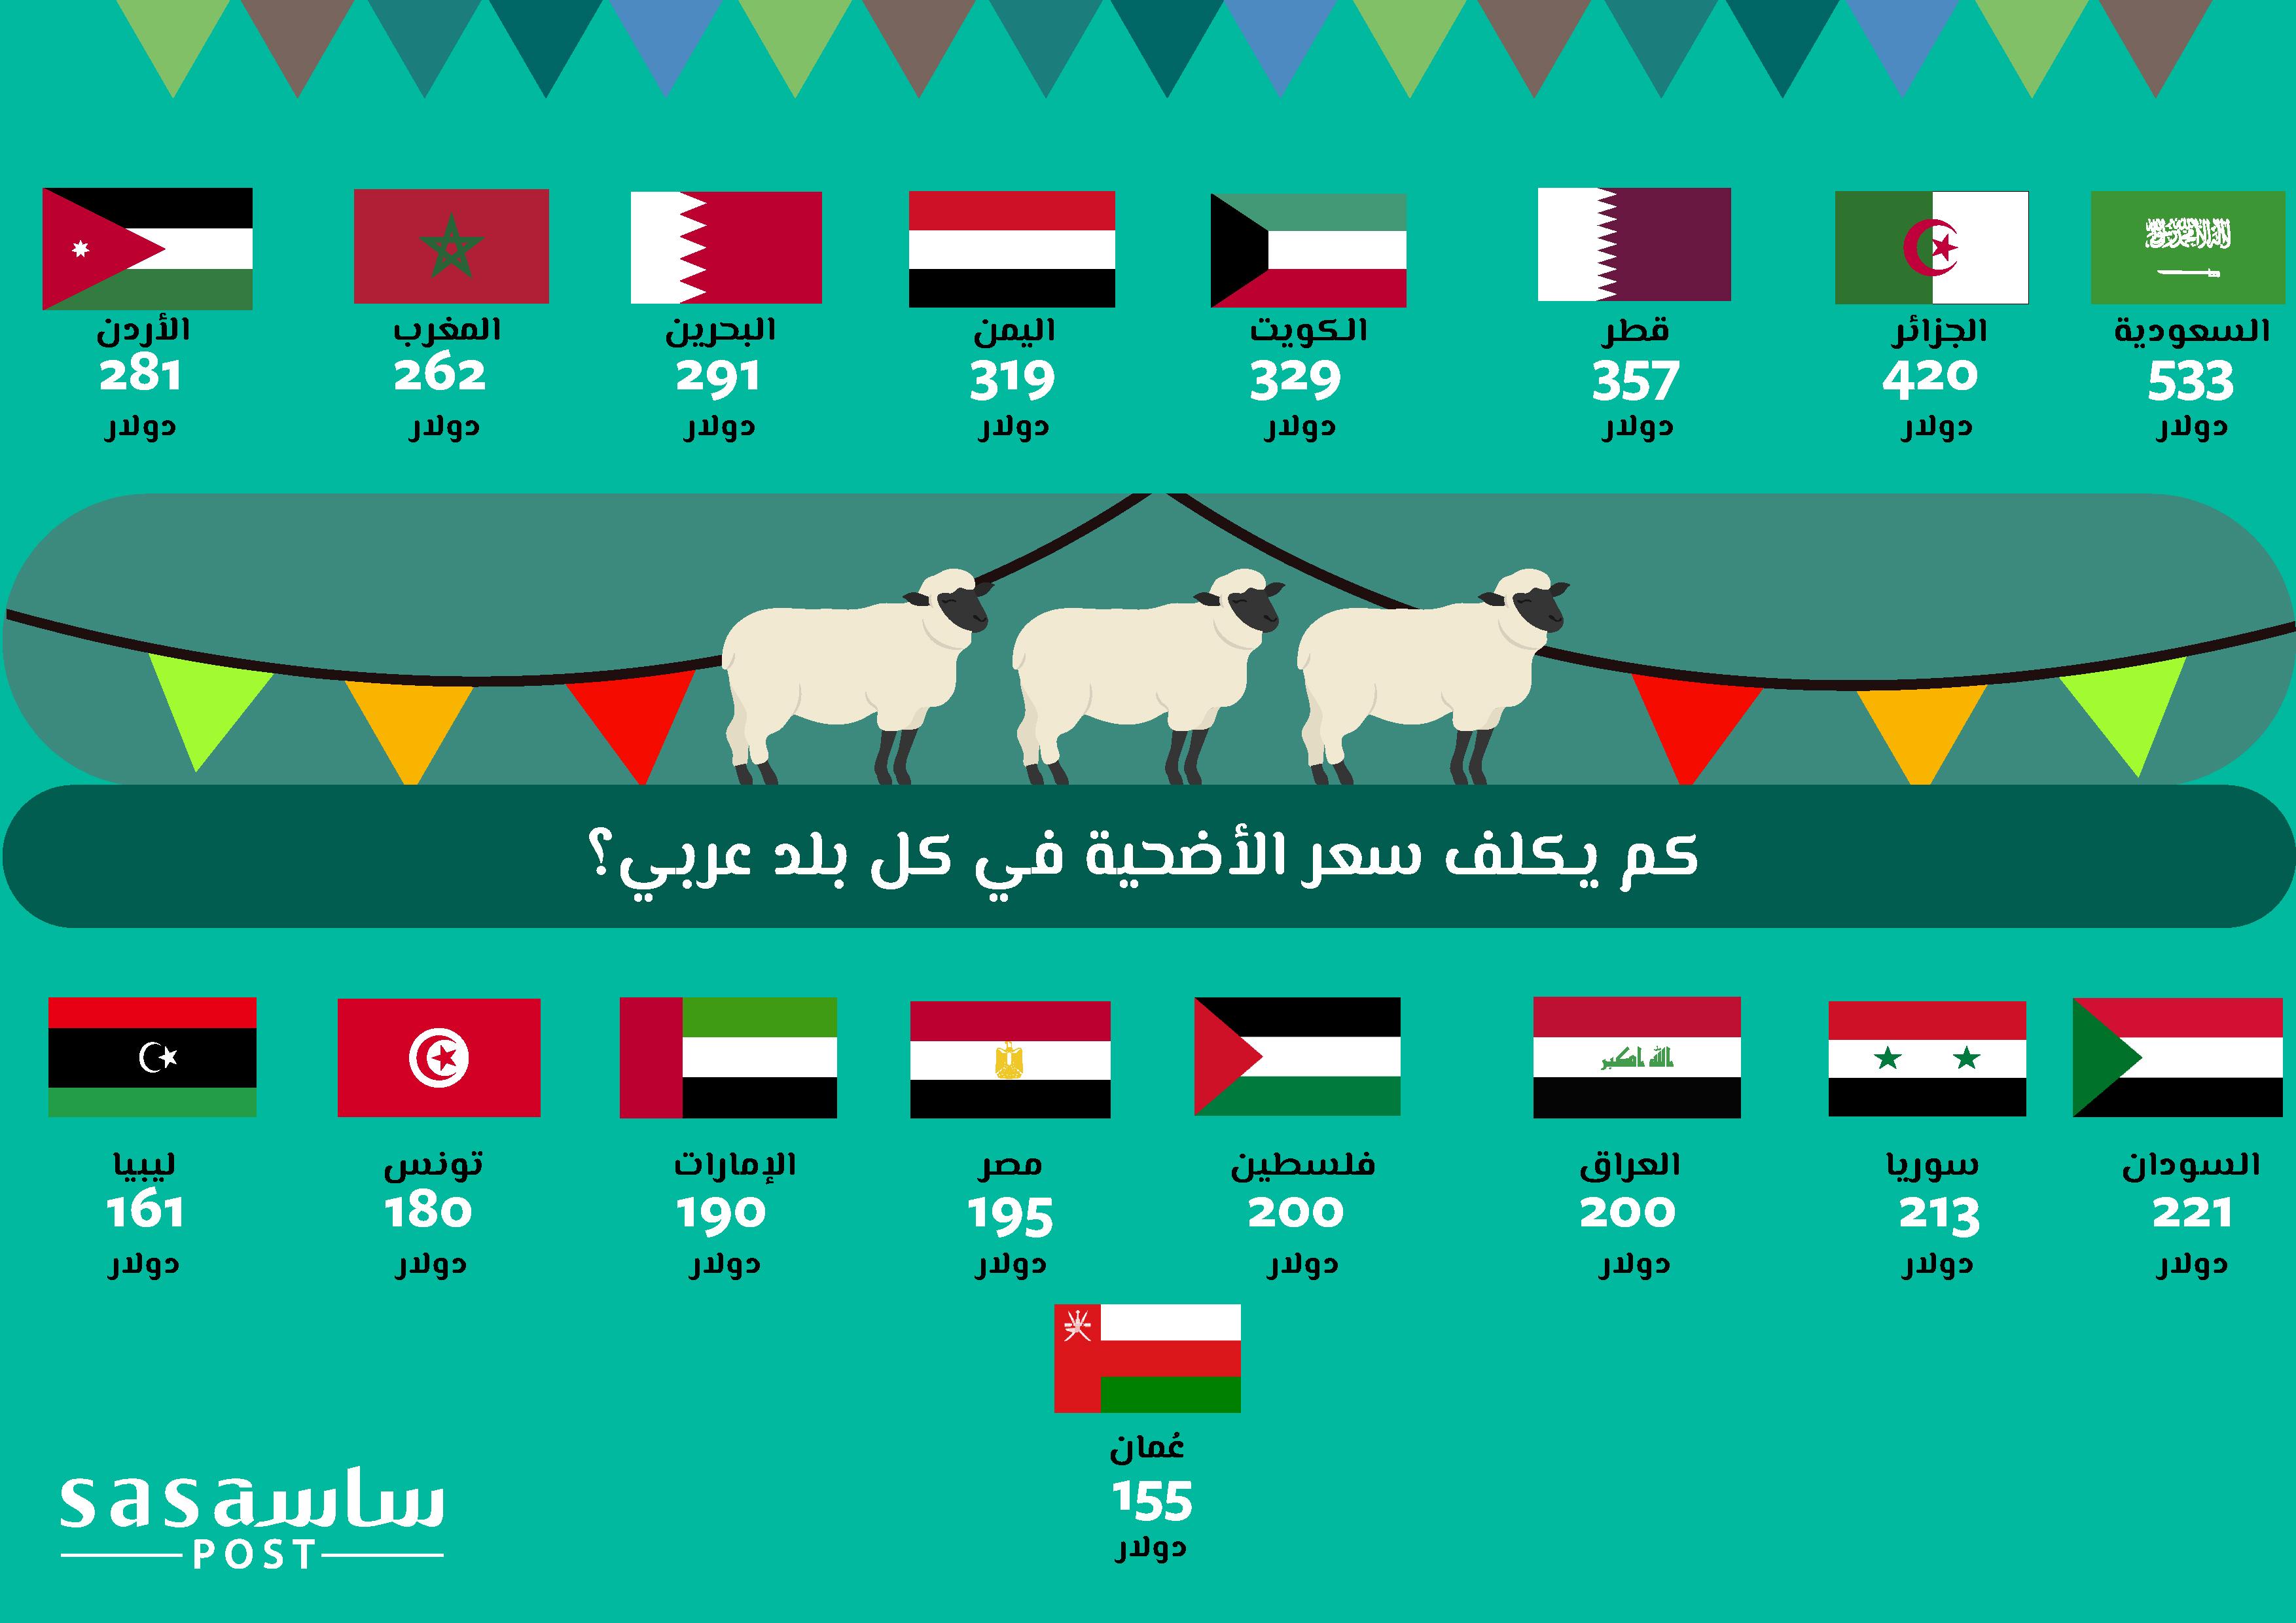 أسعار الأضاحي في الدول العربية لسنة 2018